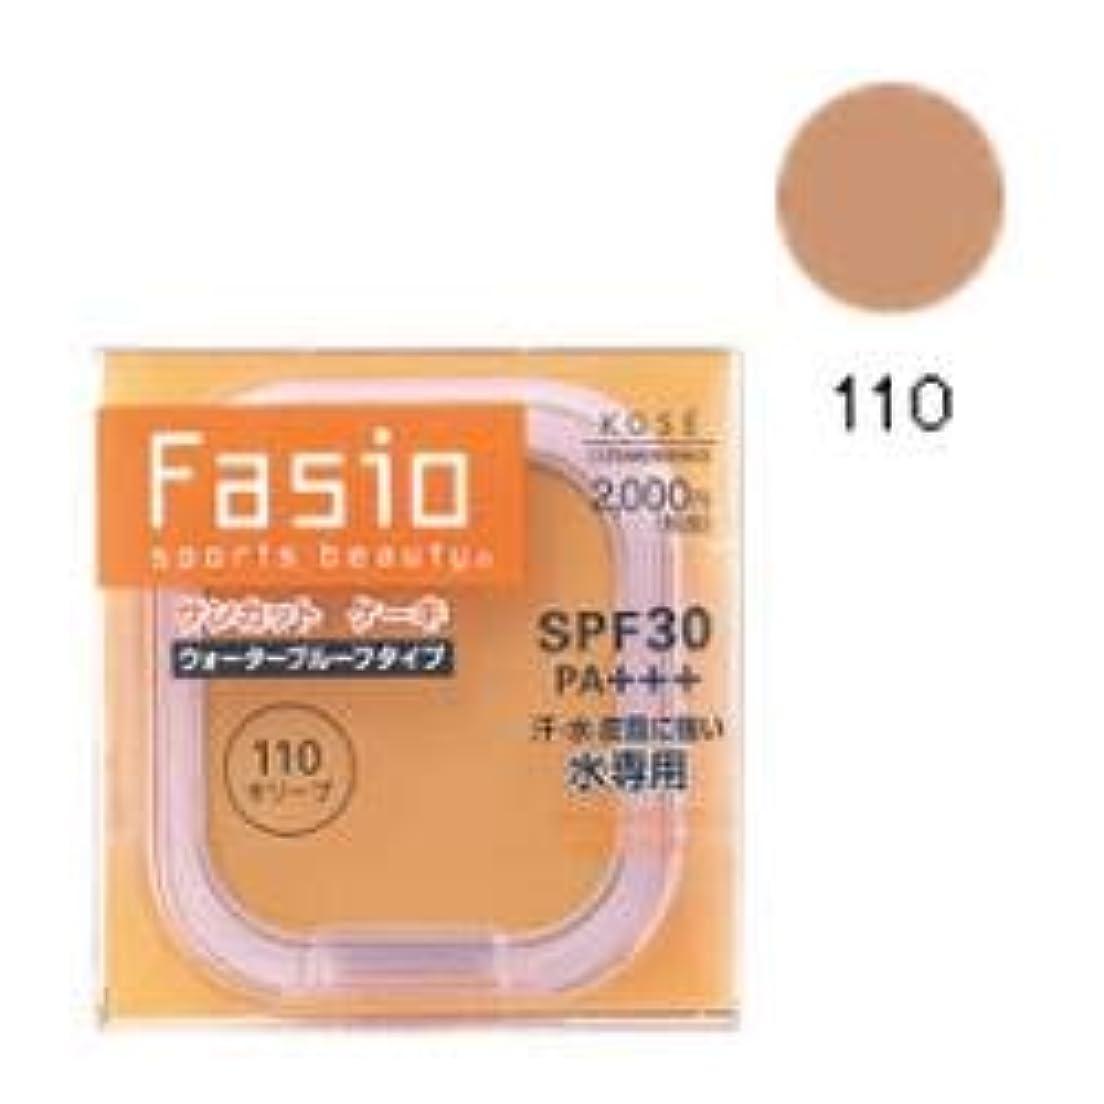 層コンパニオン百コーセー Fasio ファシオ サンカット ケーキ 詰め替え用 110